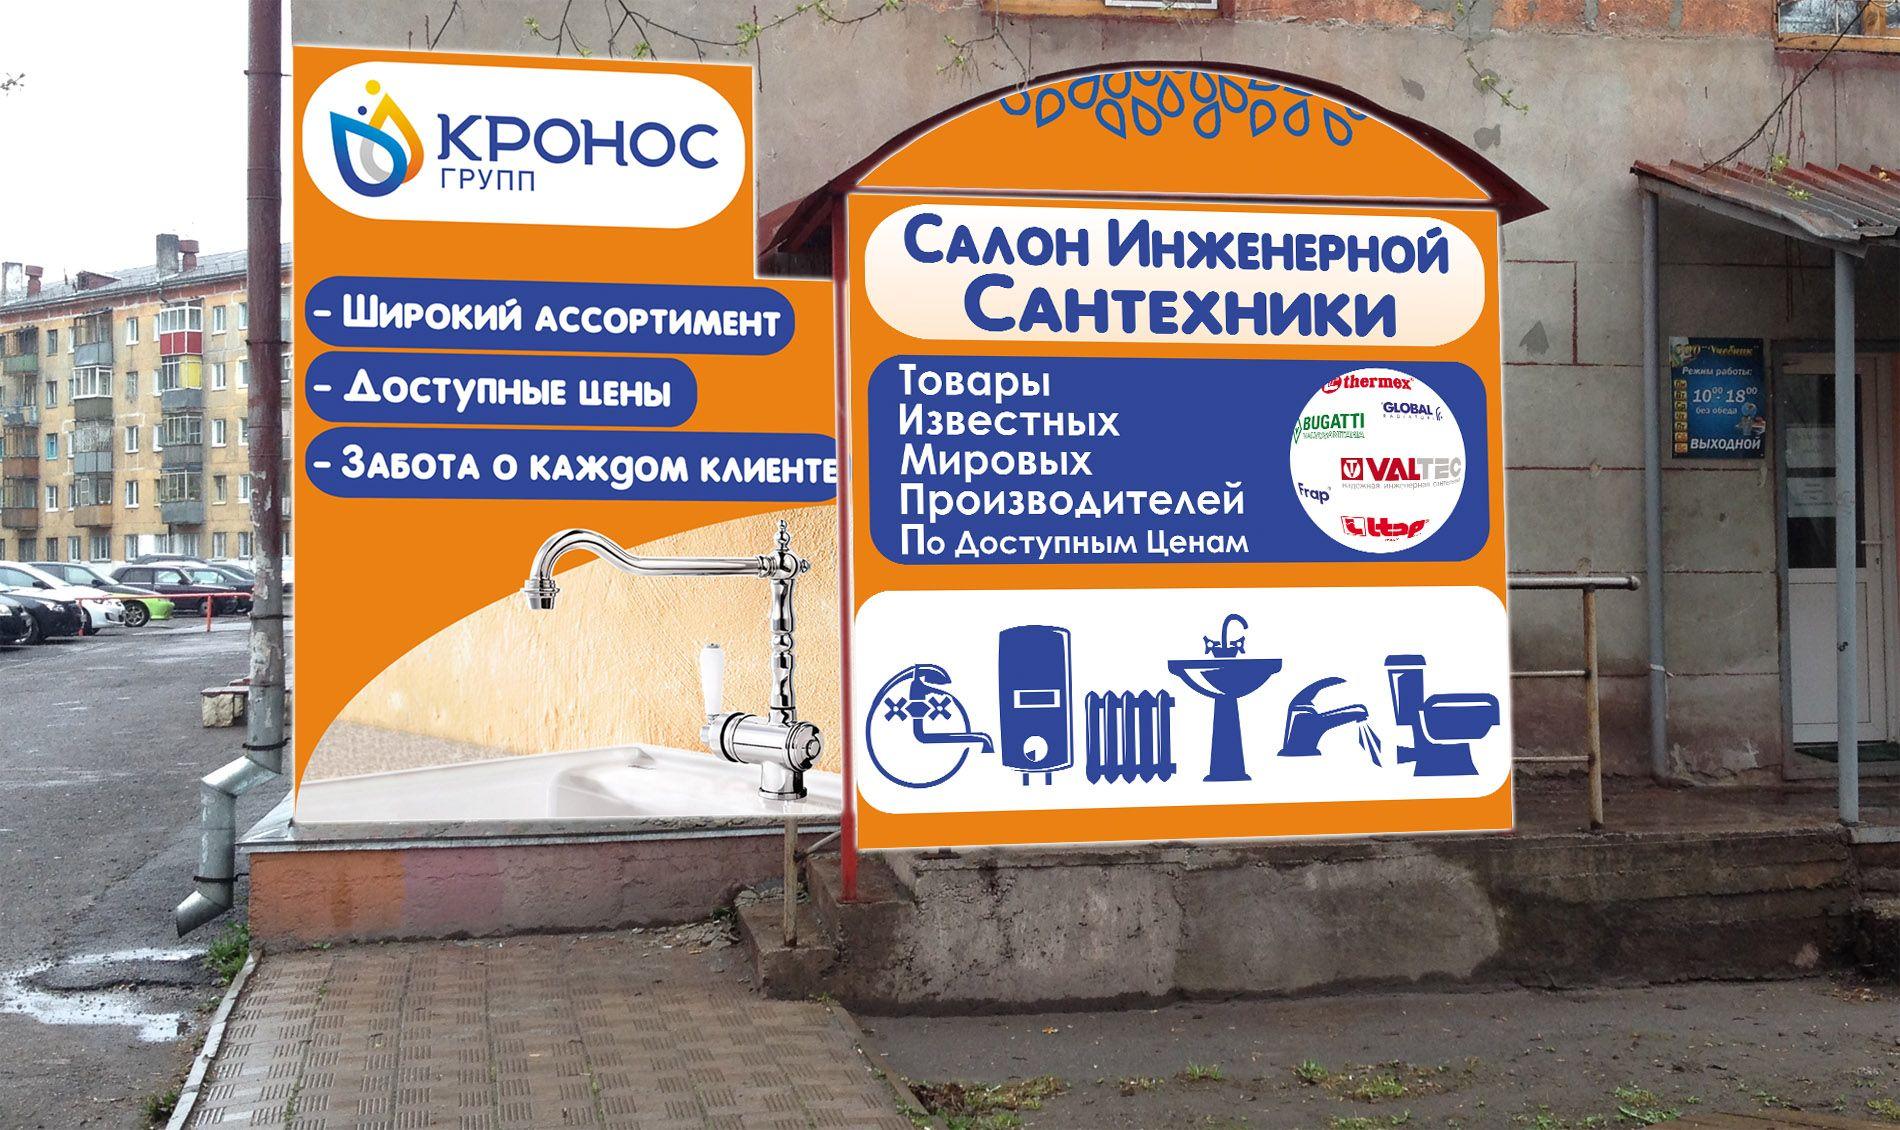 Плакаты для магазина сантехники Кронос-групп - дизайнер PaveJI